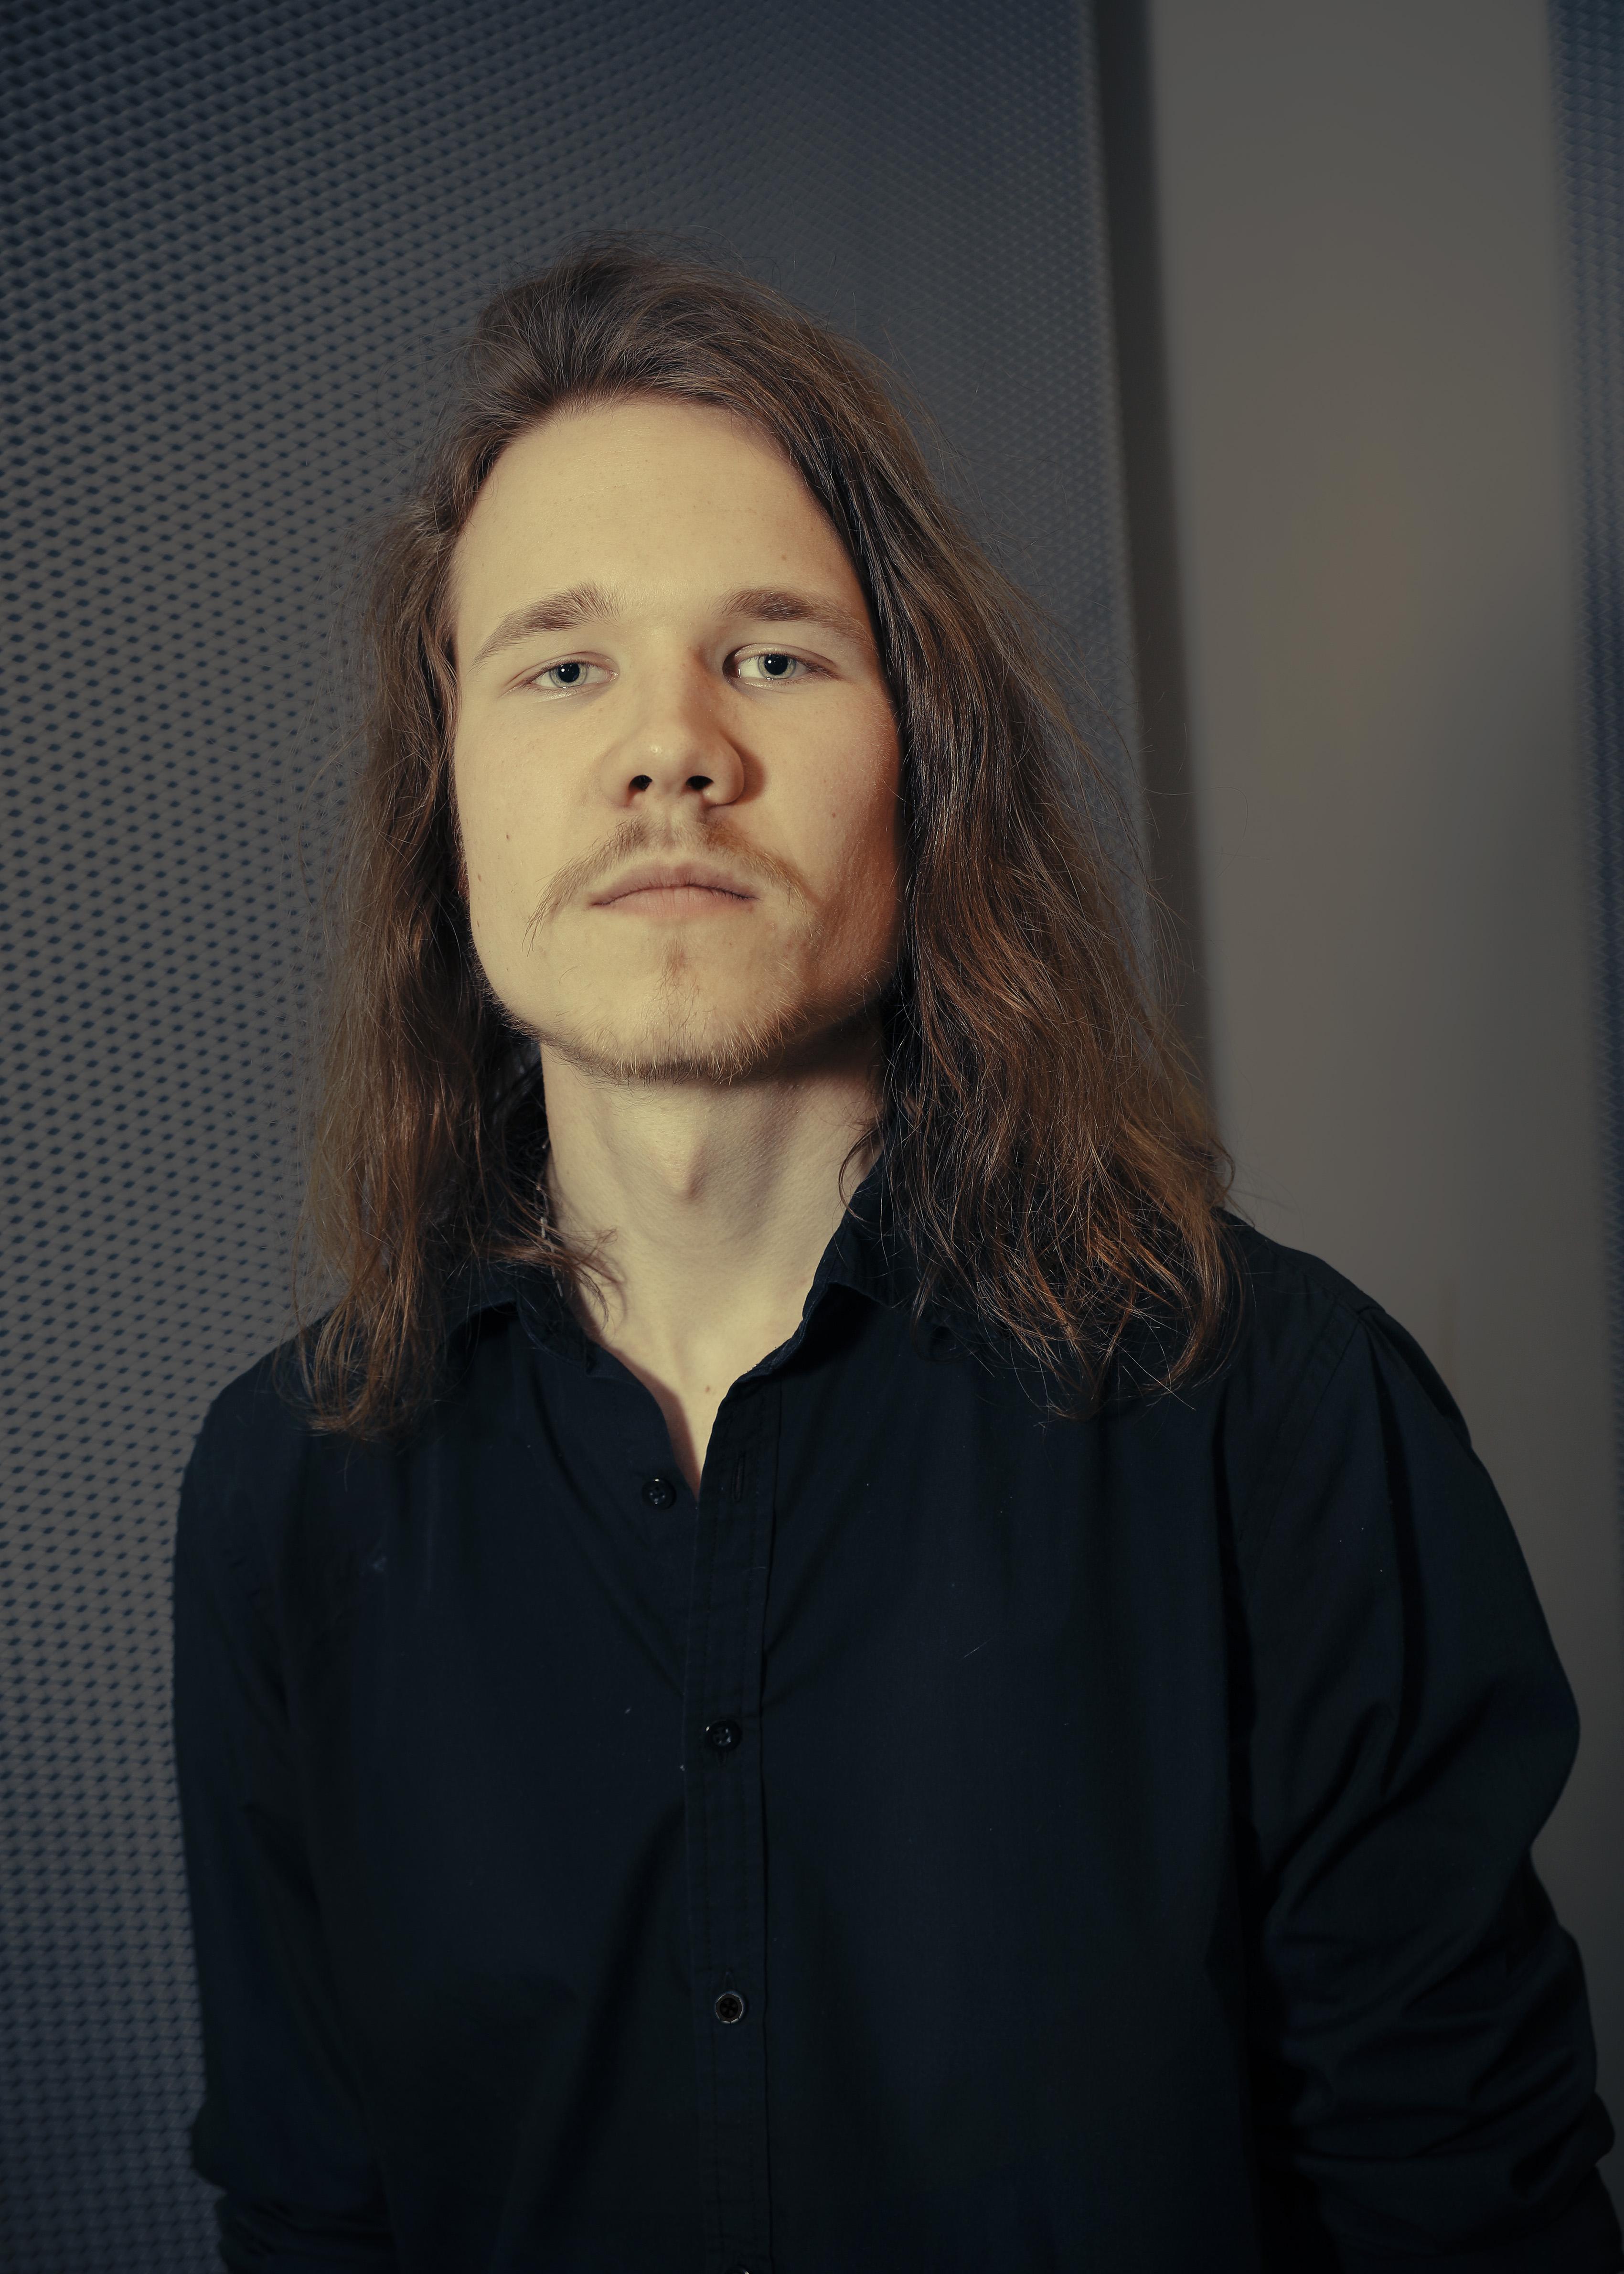 Juho Myllylä by Olli-Pekka Orpo | ollipekkaorpo.com